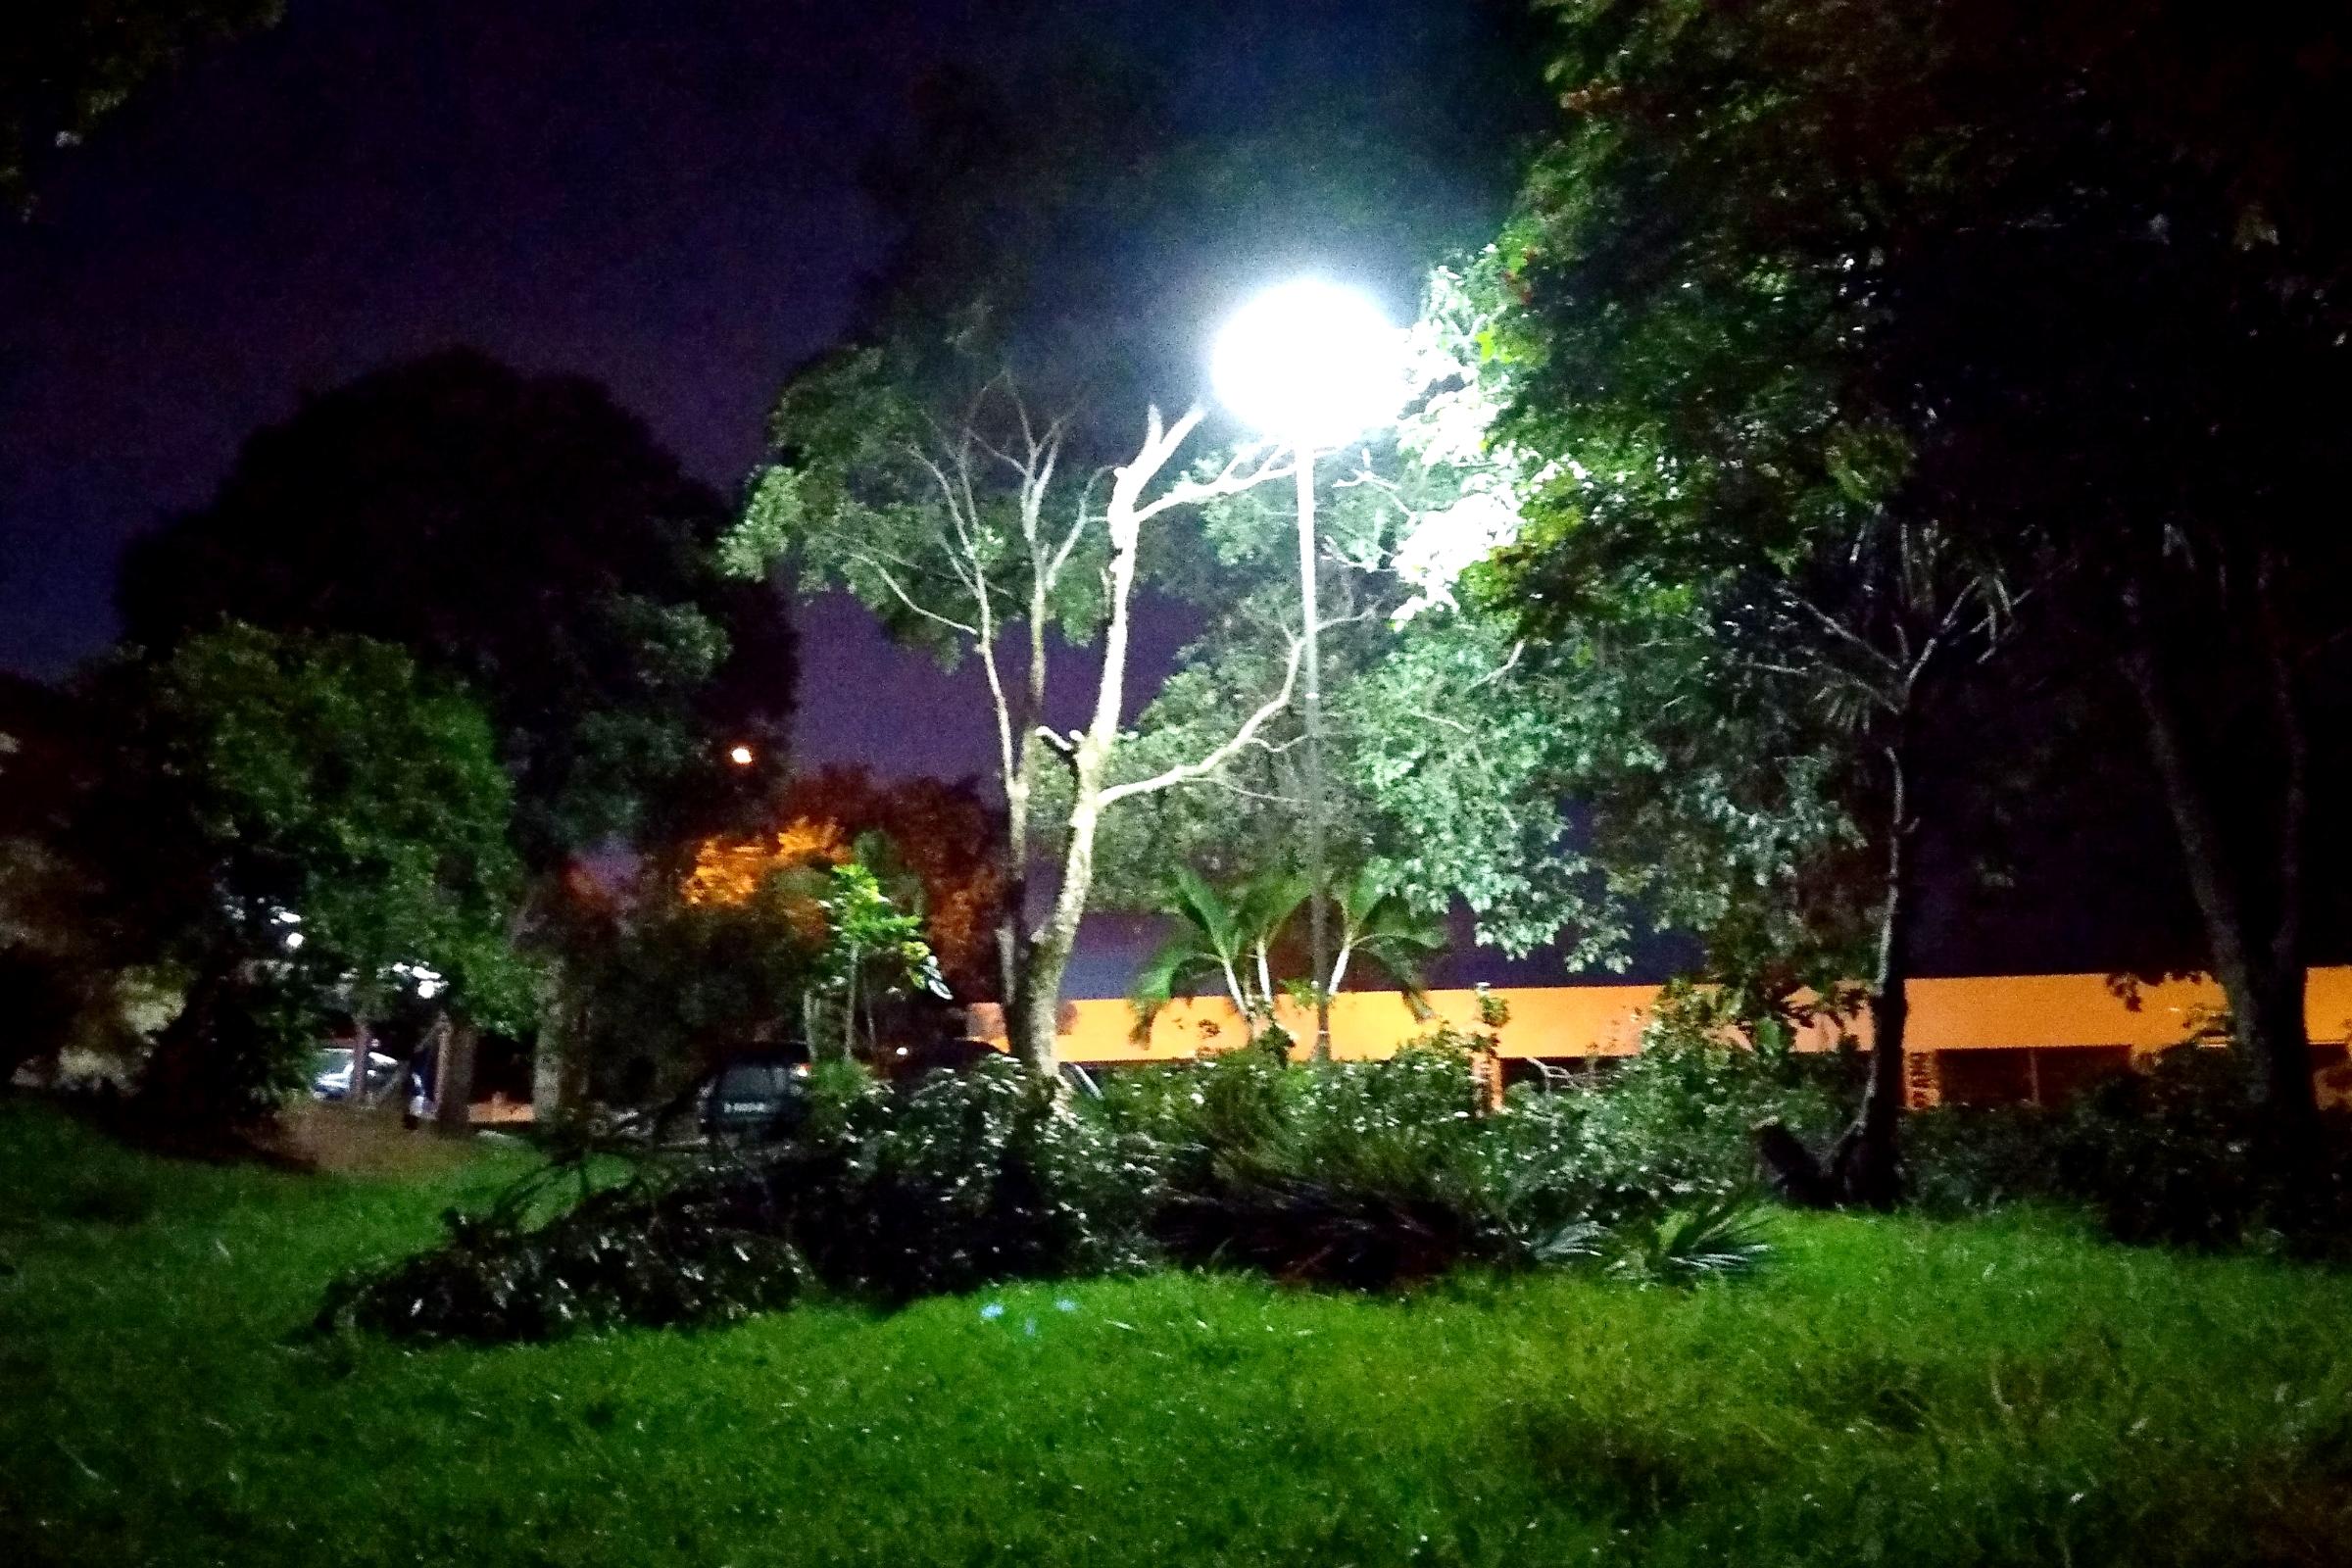 Próximo ao Terminal Rodoviário, uma das árvores obstruía a luz do poste e foi podada.